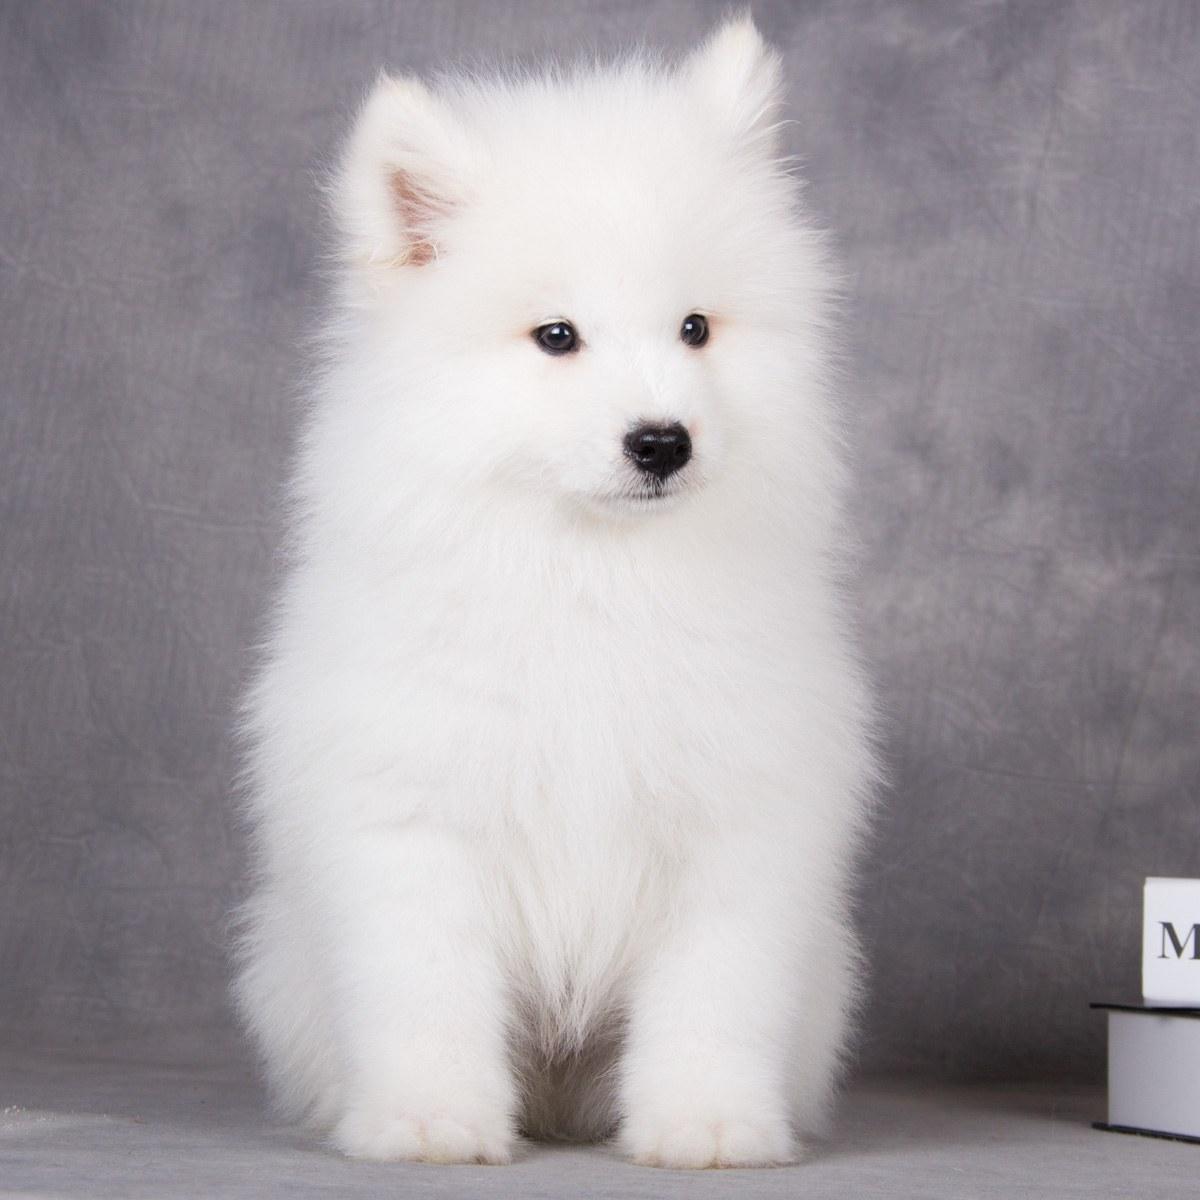 萨莫耶_[已售] 萨摩耶犬/公dd/1428天龄/10115701